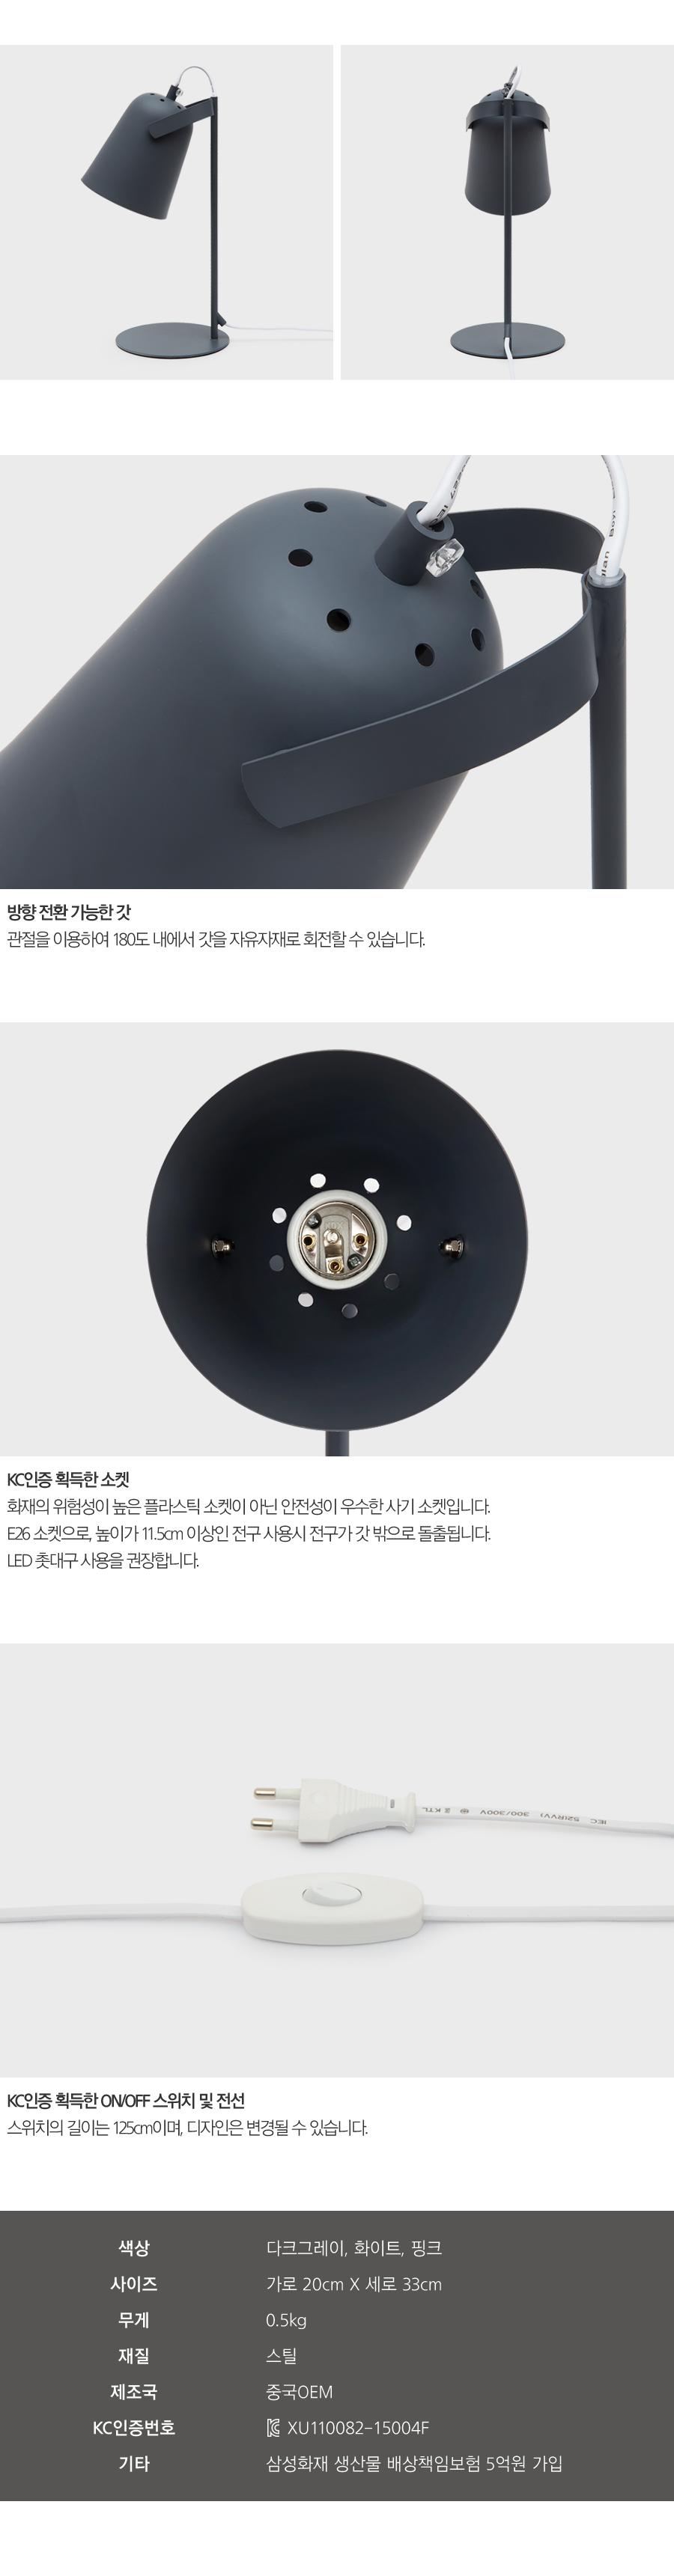 마카롱 단스탠드 (LED겸용) - 샛별조명, 43,000원, 리빙조명, 플로어조명